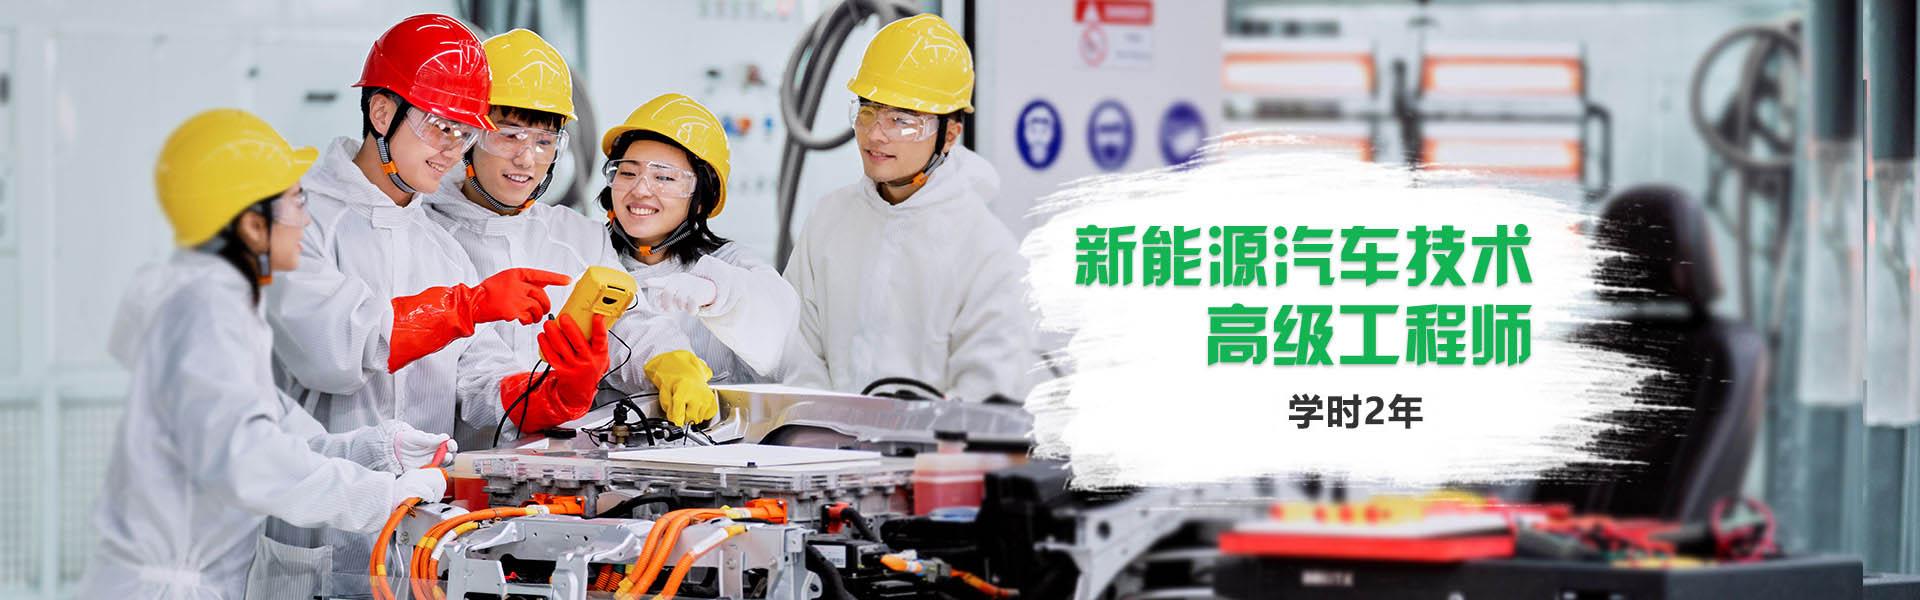 专业推荐|新能源汽车技术高级工程师